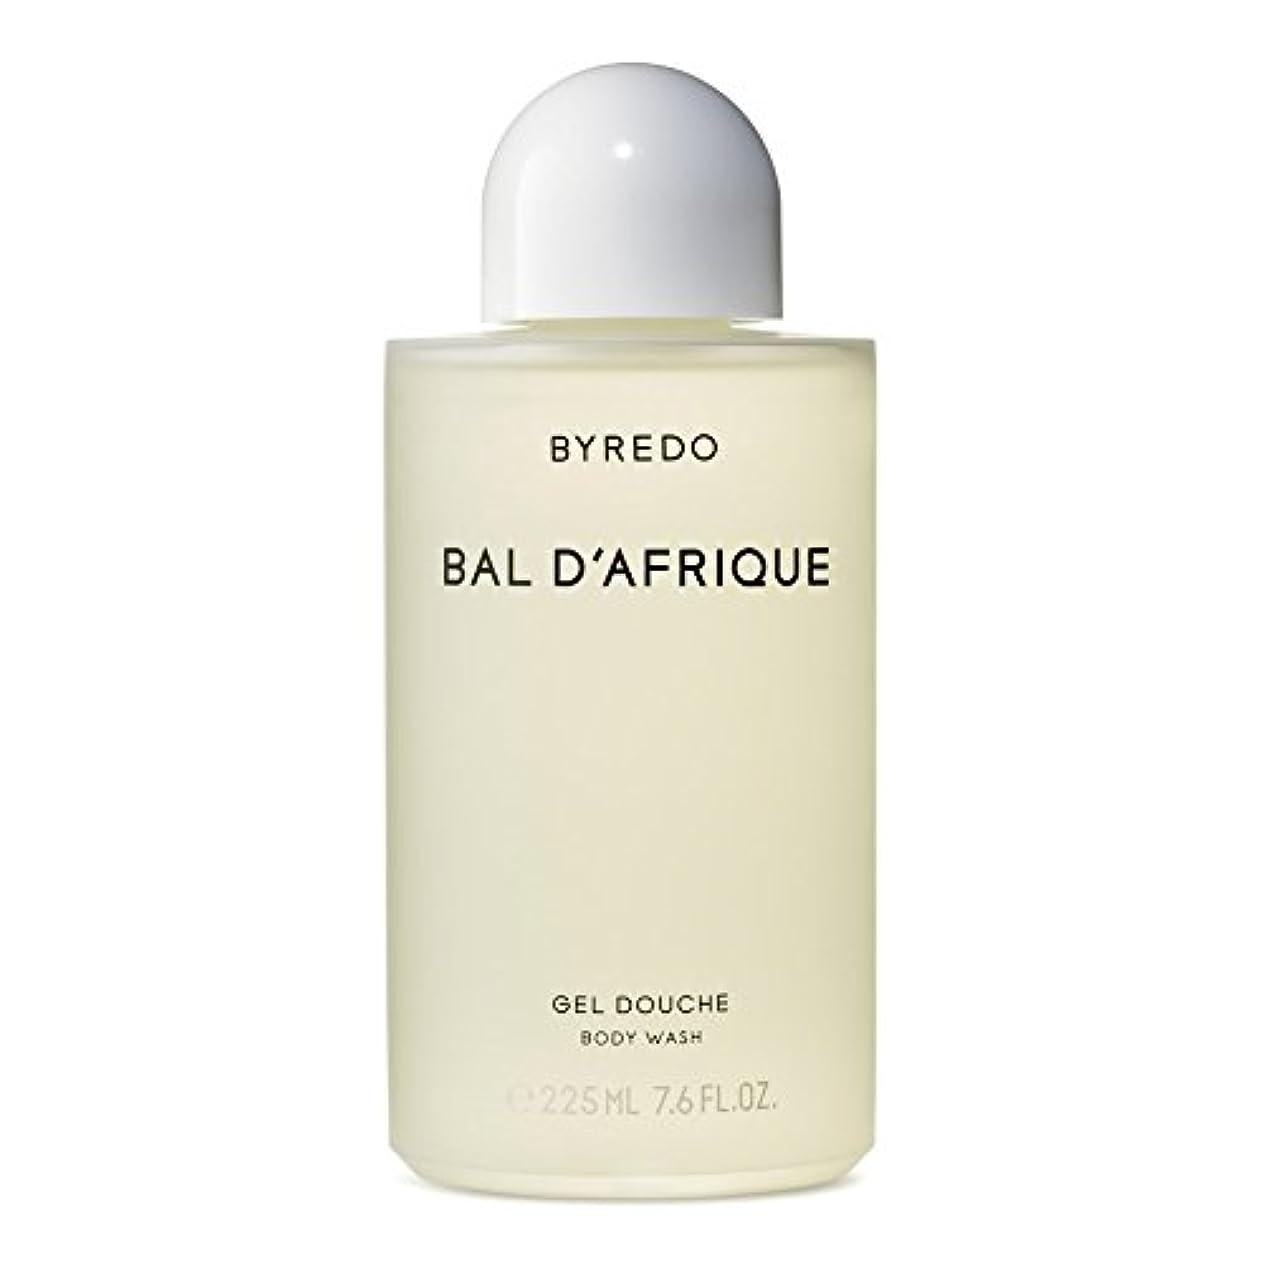 レインコートスロープ容器Byredo Bal d'Afrique Body Wash 225ml - 'のボディウォッシュ225ミリリットル [並行輸入品]